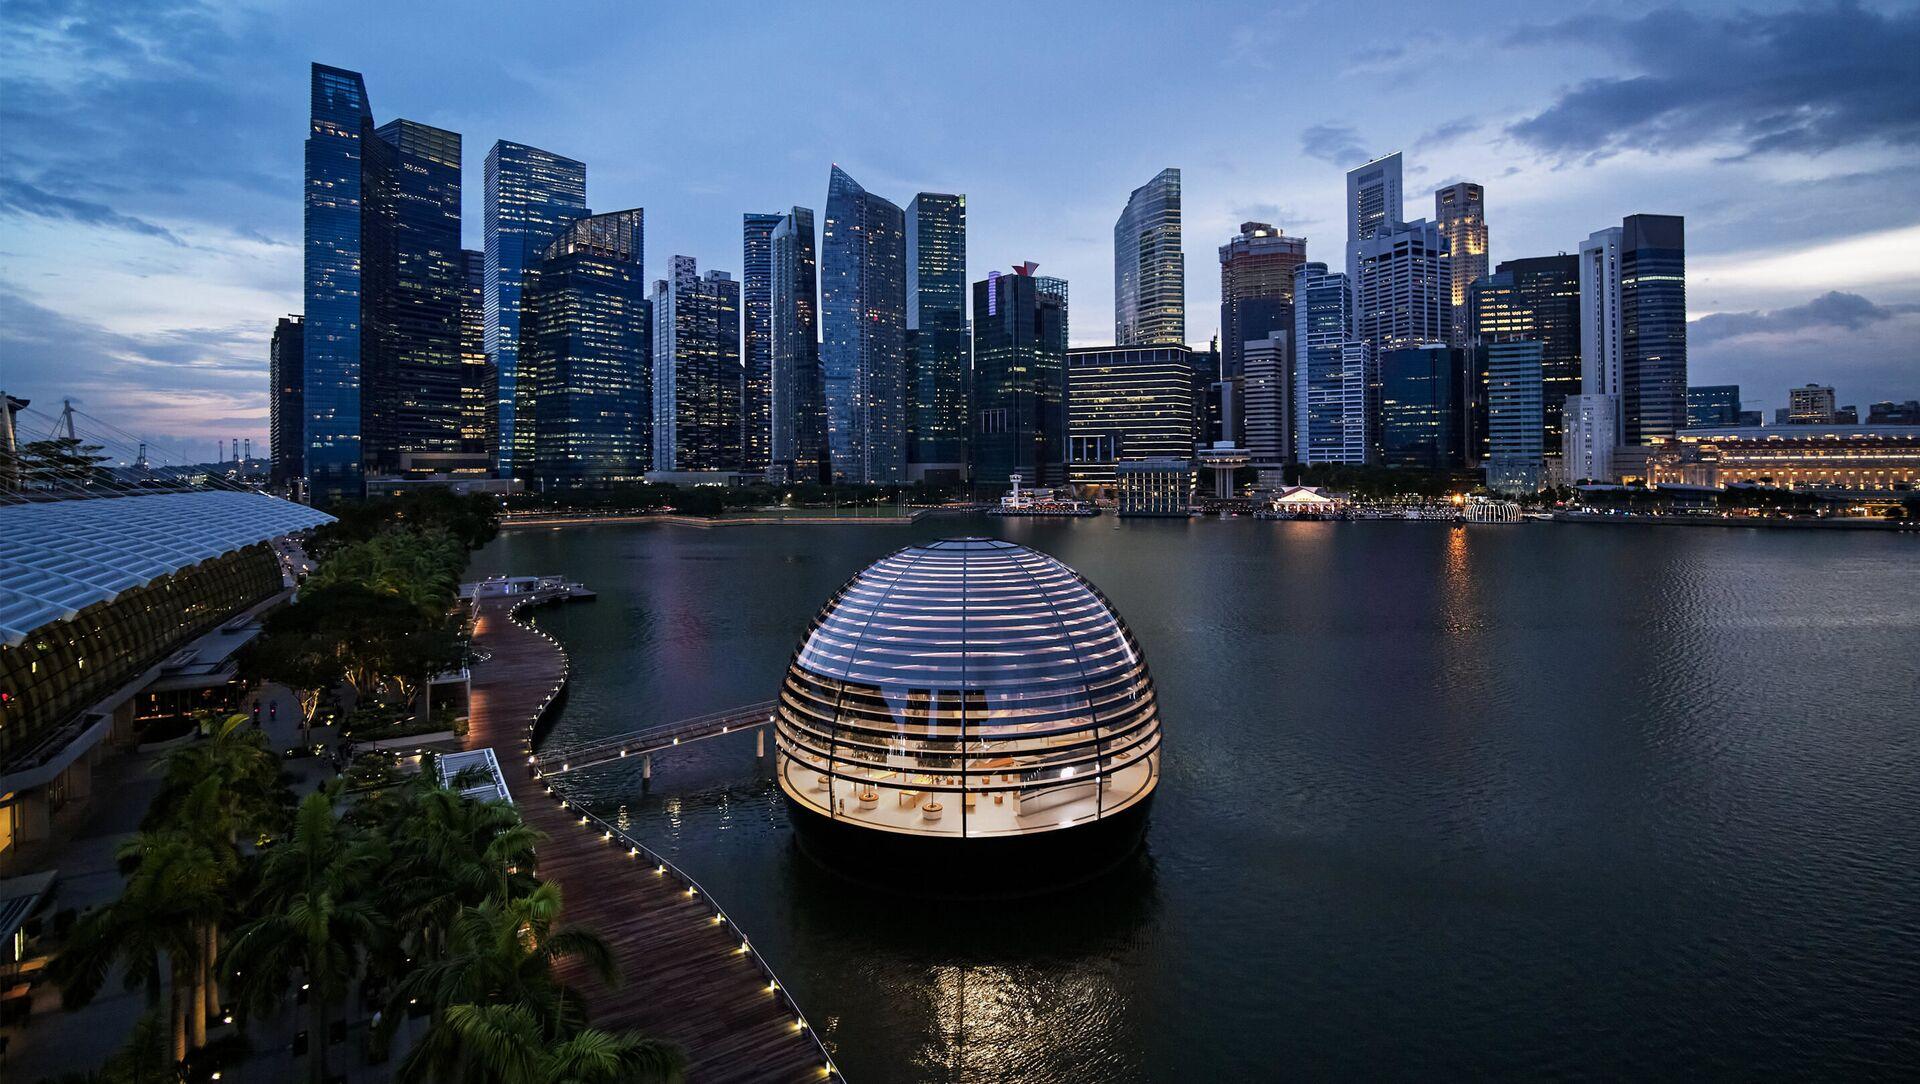 シンガポール - Sputnik 日本, 1920, 10.10.2021